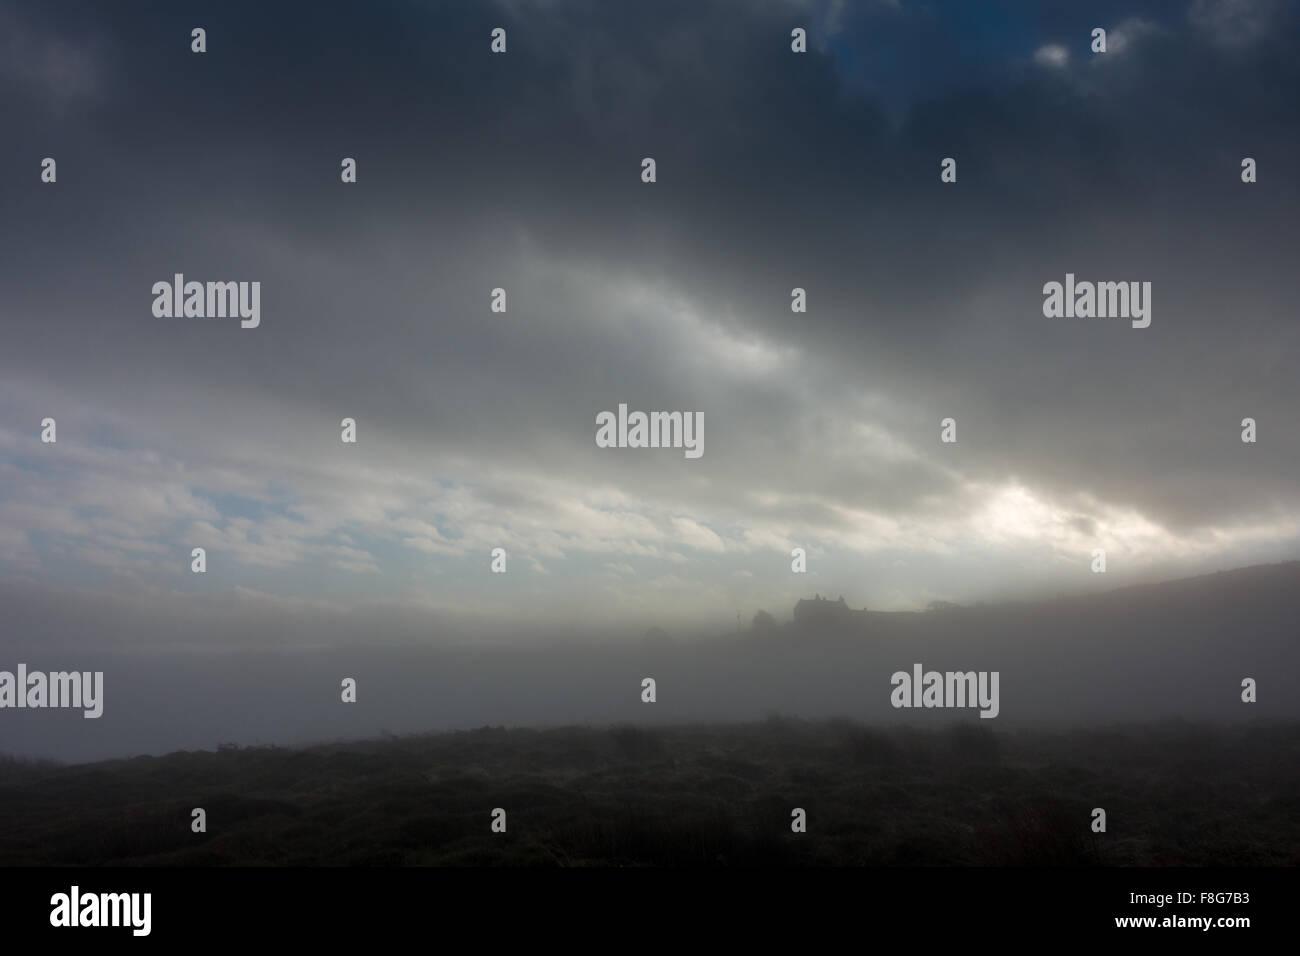 Inversione di Cloud dà una sensazione inquietante di Mori con una casa in alto sulla collina immersa nella foschia Foto Stock